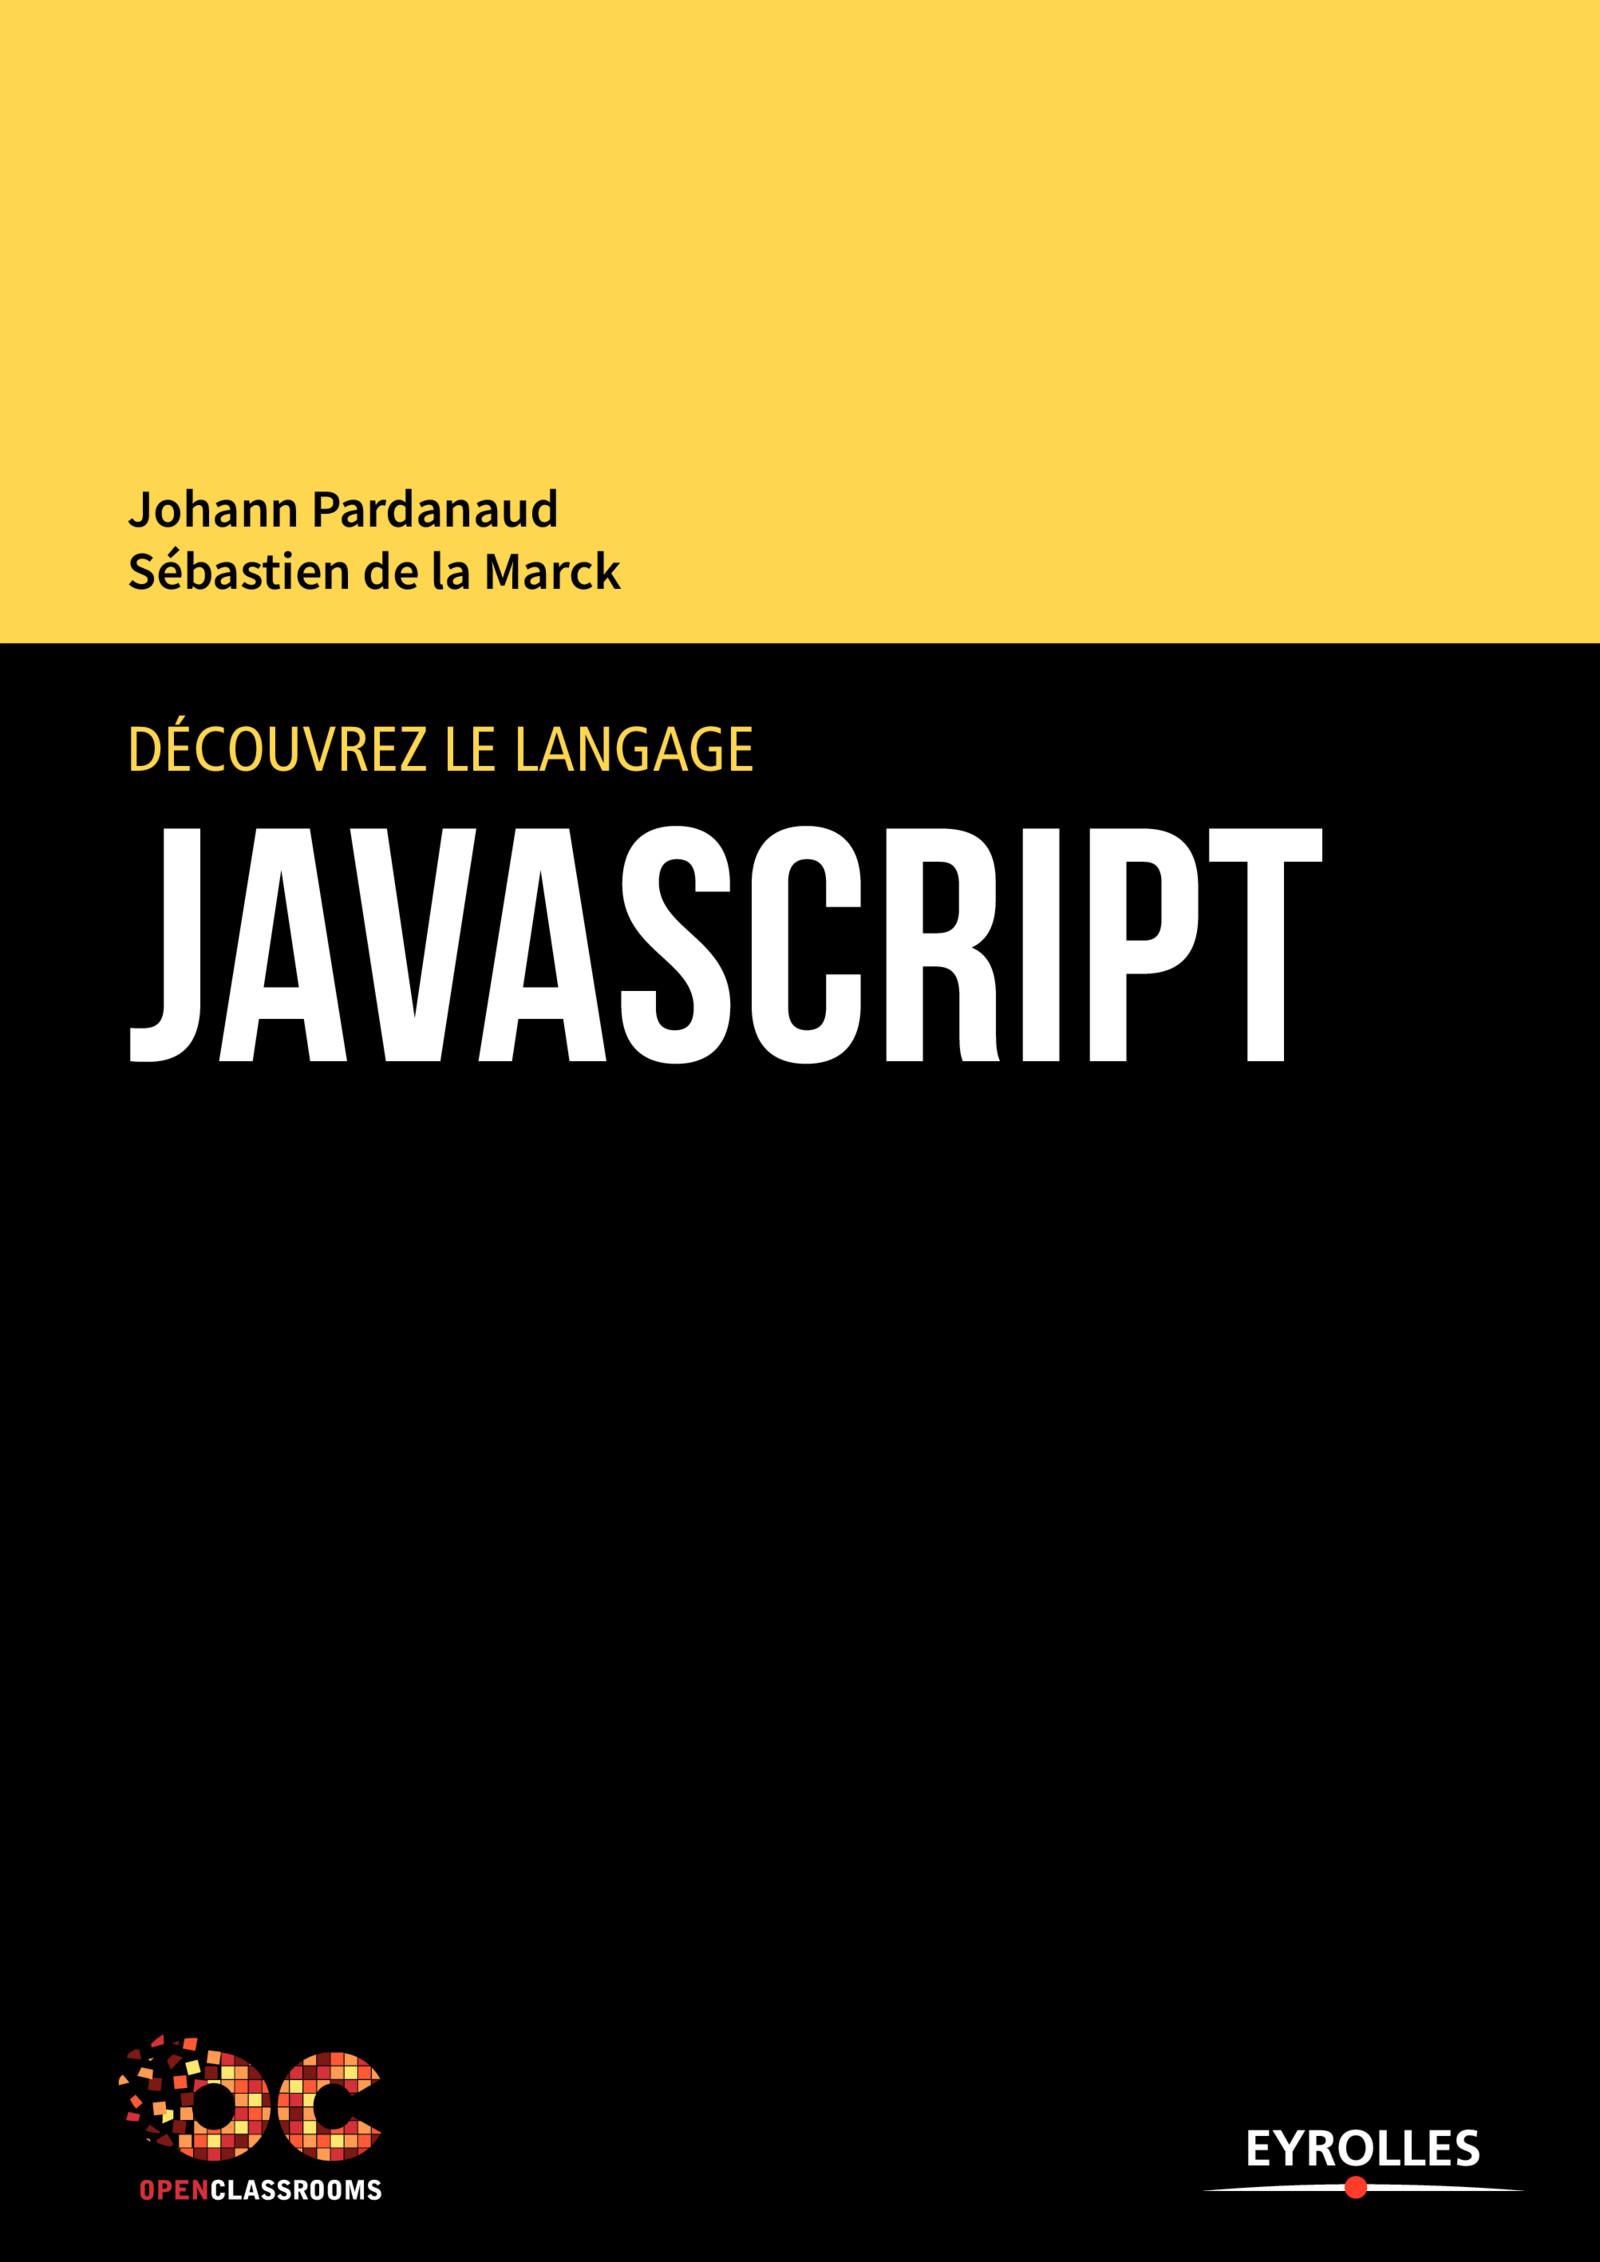 Découvrez le langage JavaScript (2017) - Johann Pardanaud